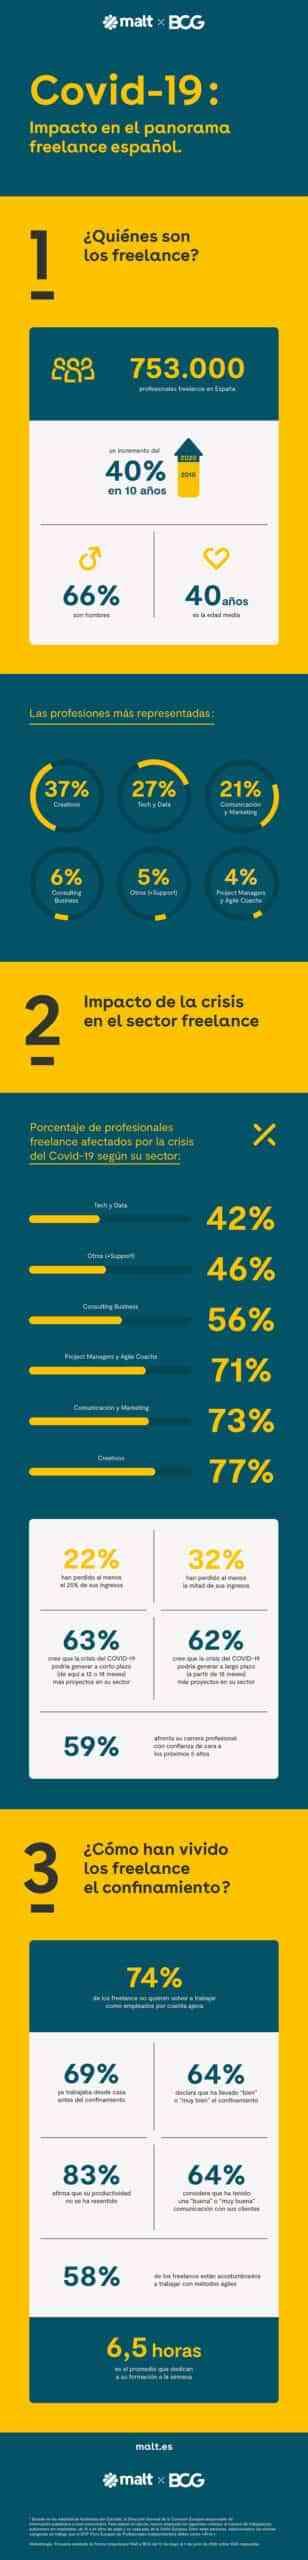 los freelances de espana piensan que la emergencia sanitaria les reportara mas proyectos scaled